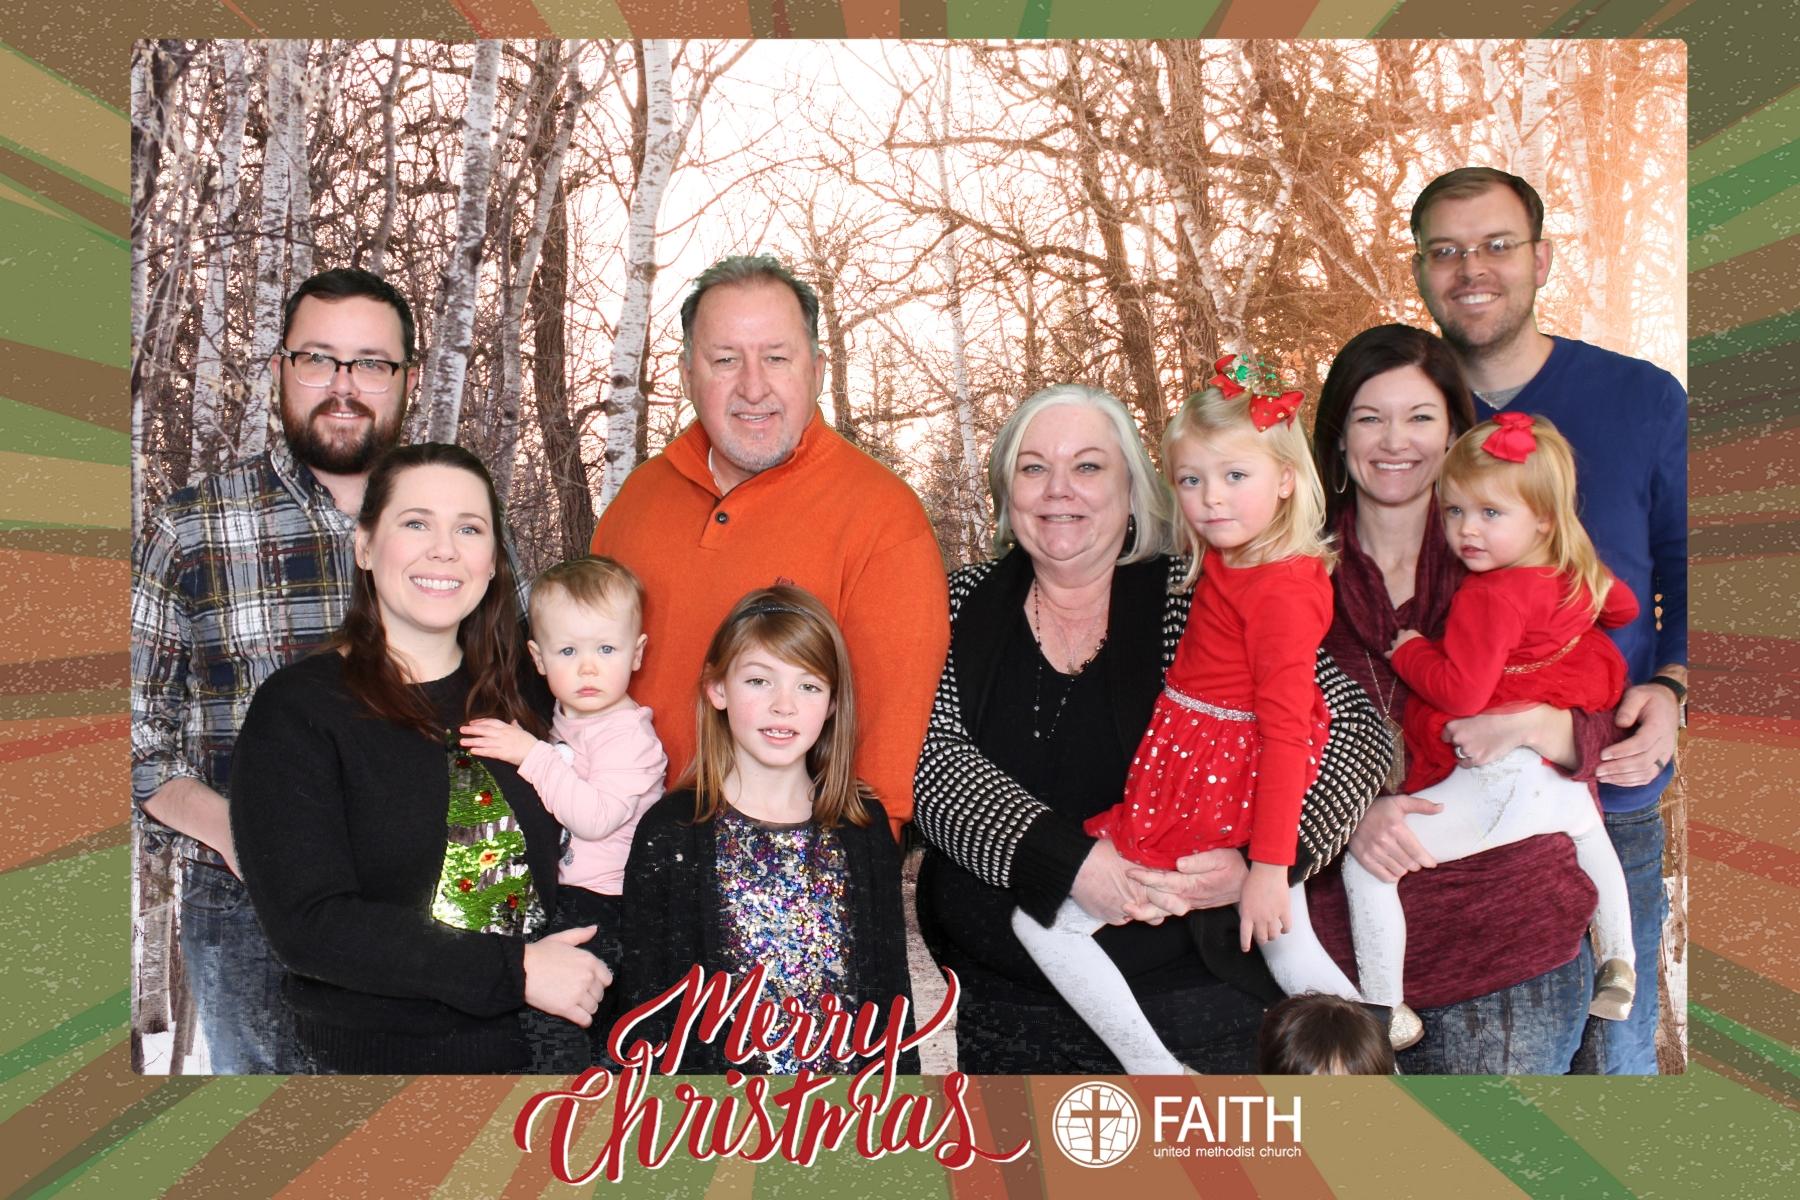 Faith2018_2018-12-24_15-28-20.jpg